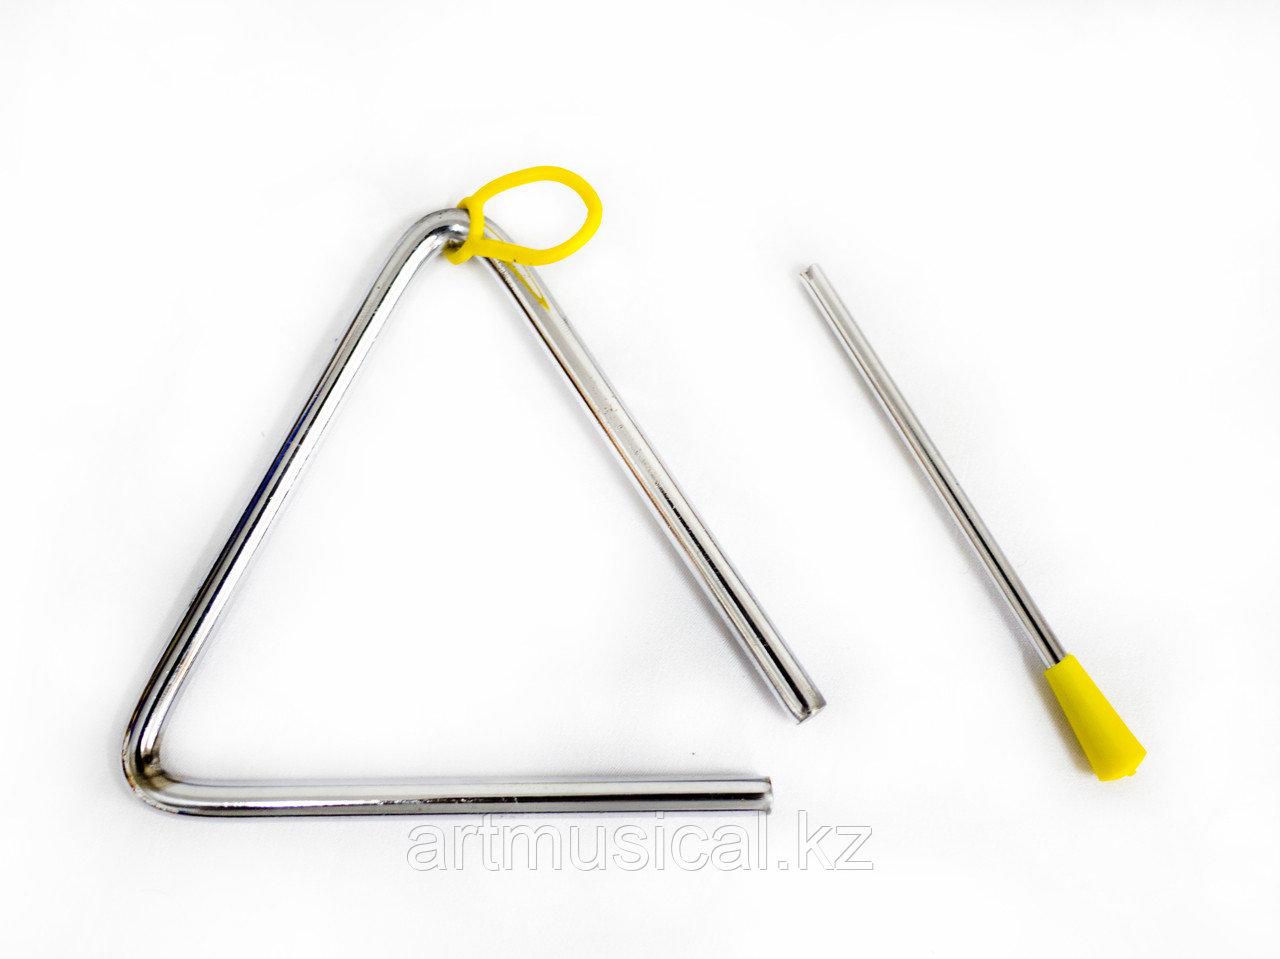 Үшбұрыш (Треугольник)